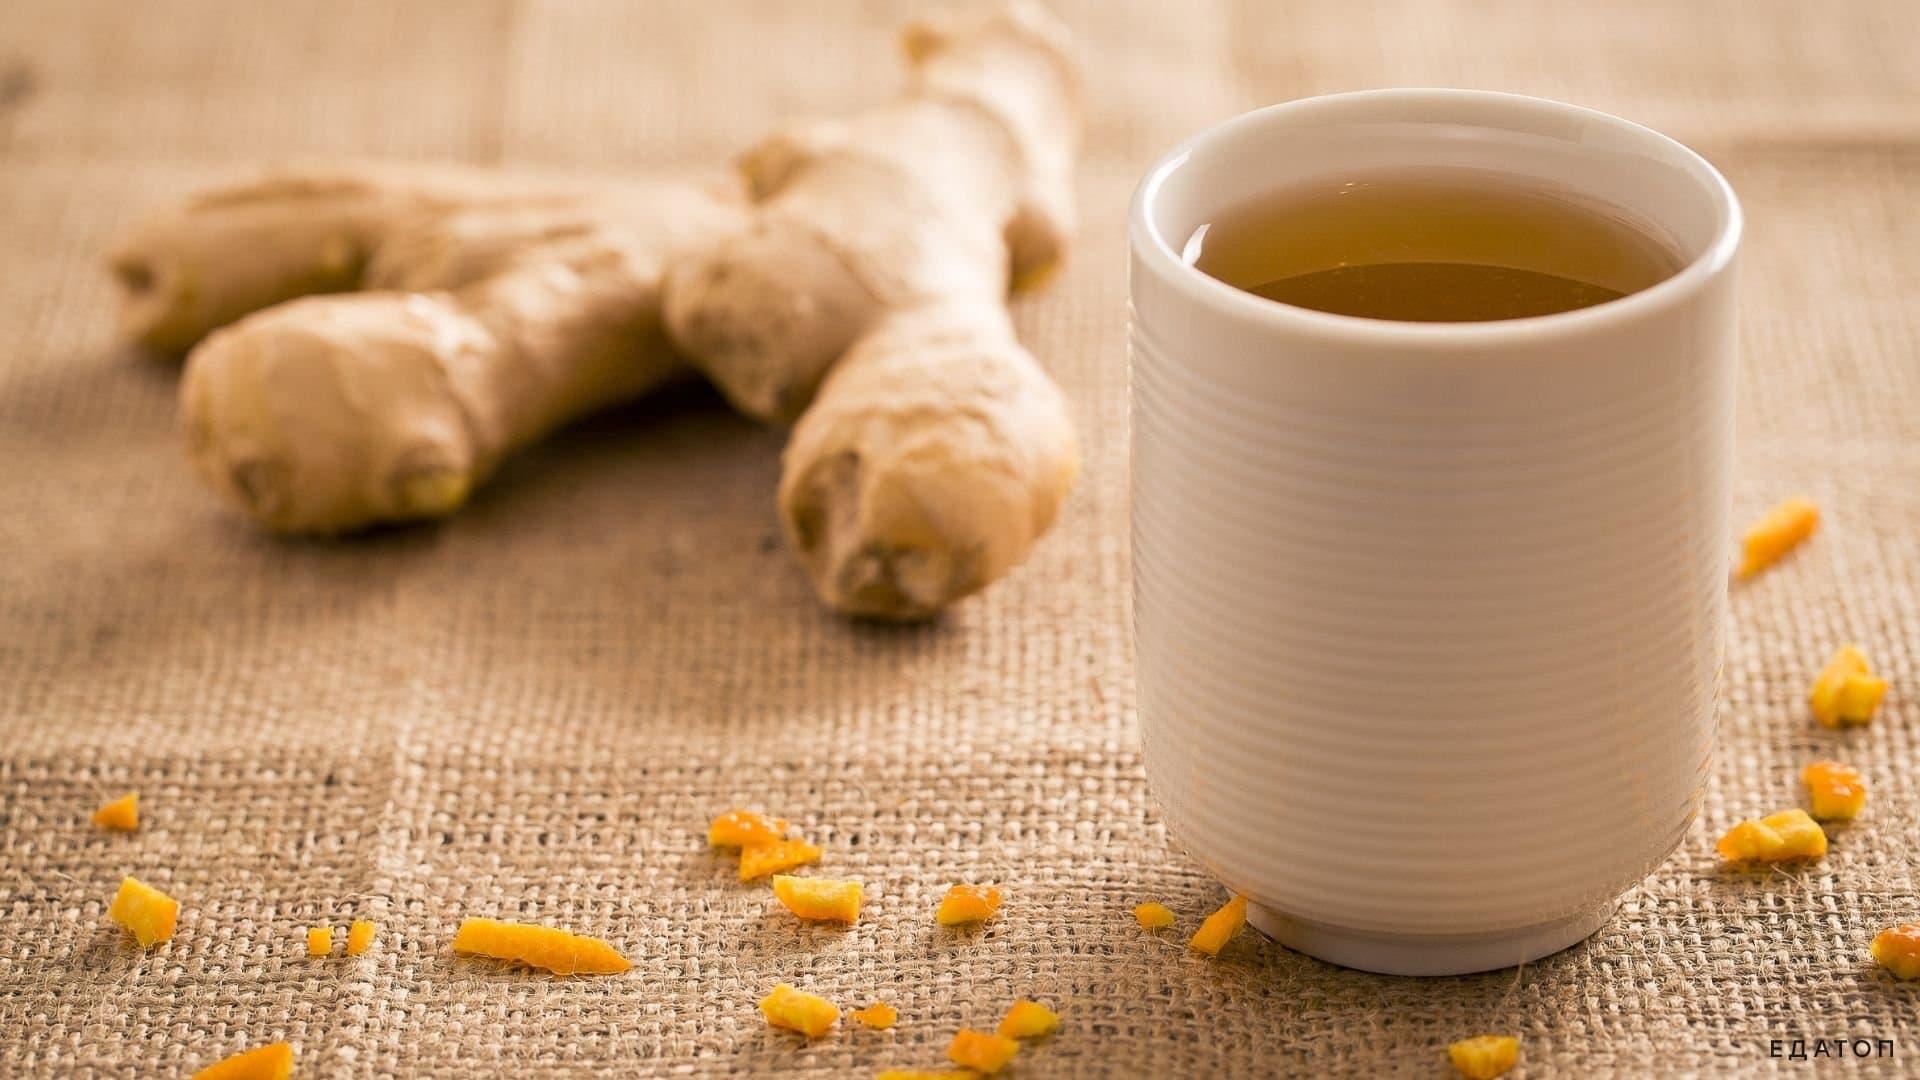 Имбирь придает чаю интересный вкус.